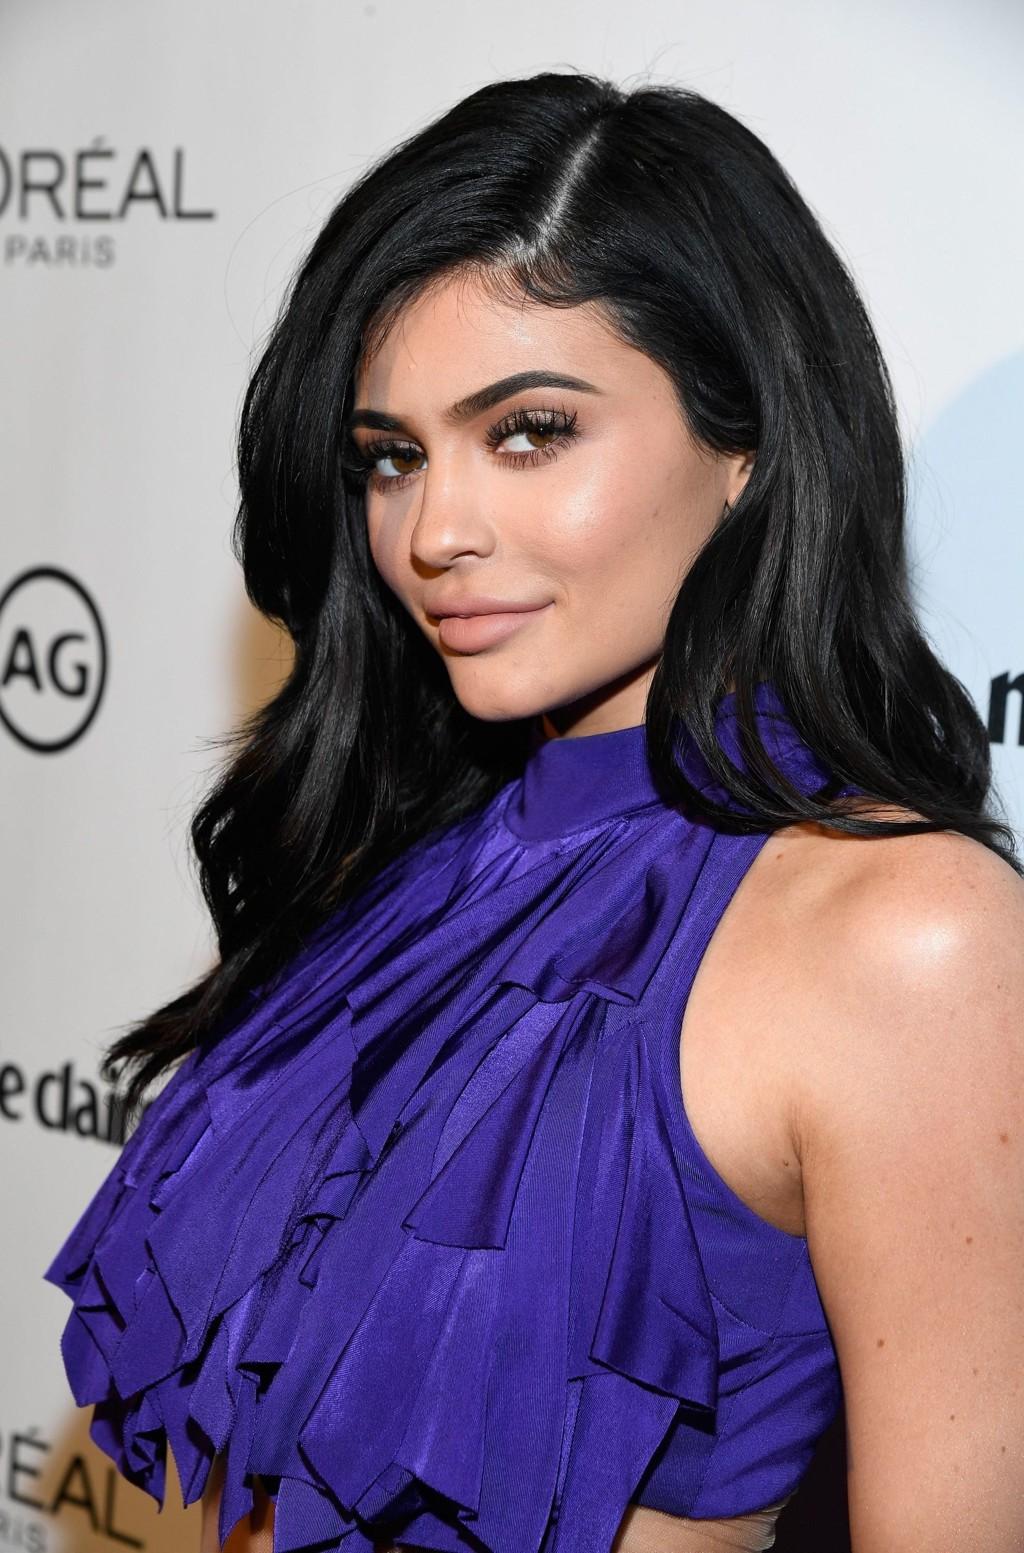 SLETTET BILDENE AV DATTEREN: Kylie Jenner har slettet alle bildene av datteren Stormi Webster hvor ansiktet hennes synes på Instagram.